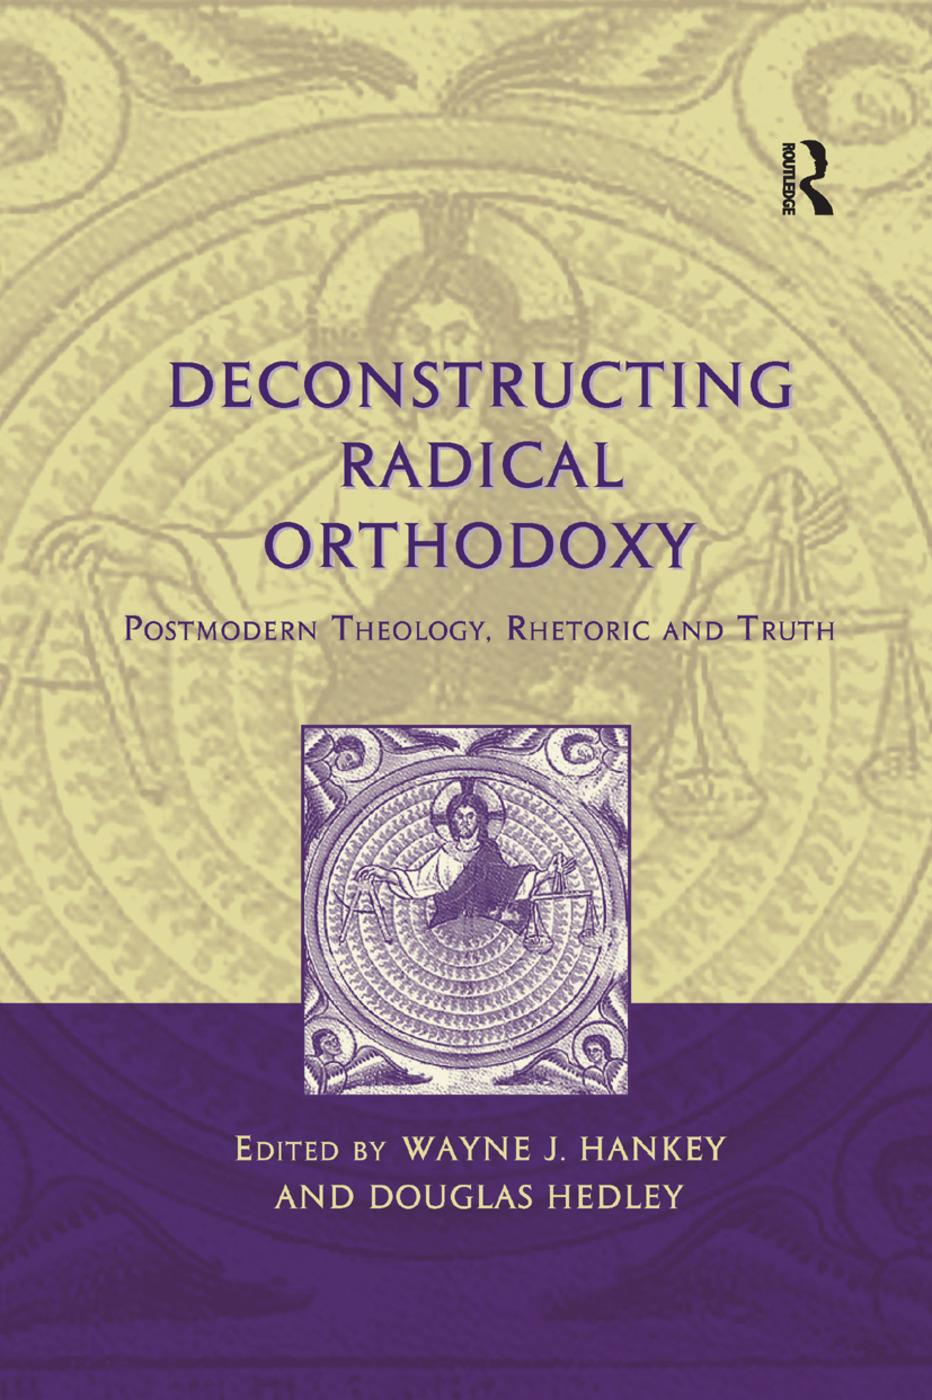 Deconstructing Radical Orthodoxy